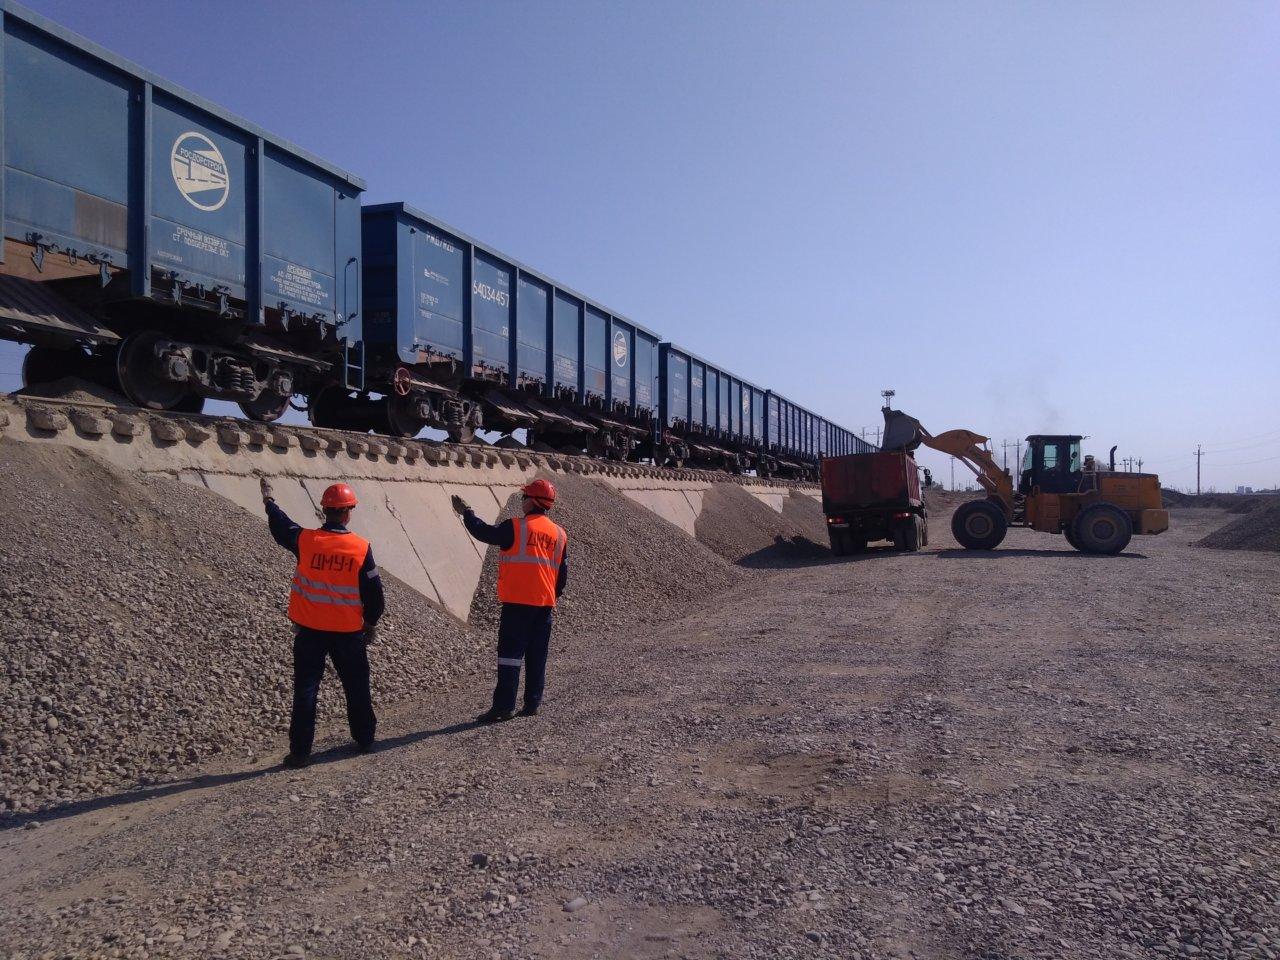 Перевозка щебня железнодорожным транспортом способствует снижению нагрузки на автодороги в регионах Нижнего Поволжья